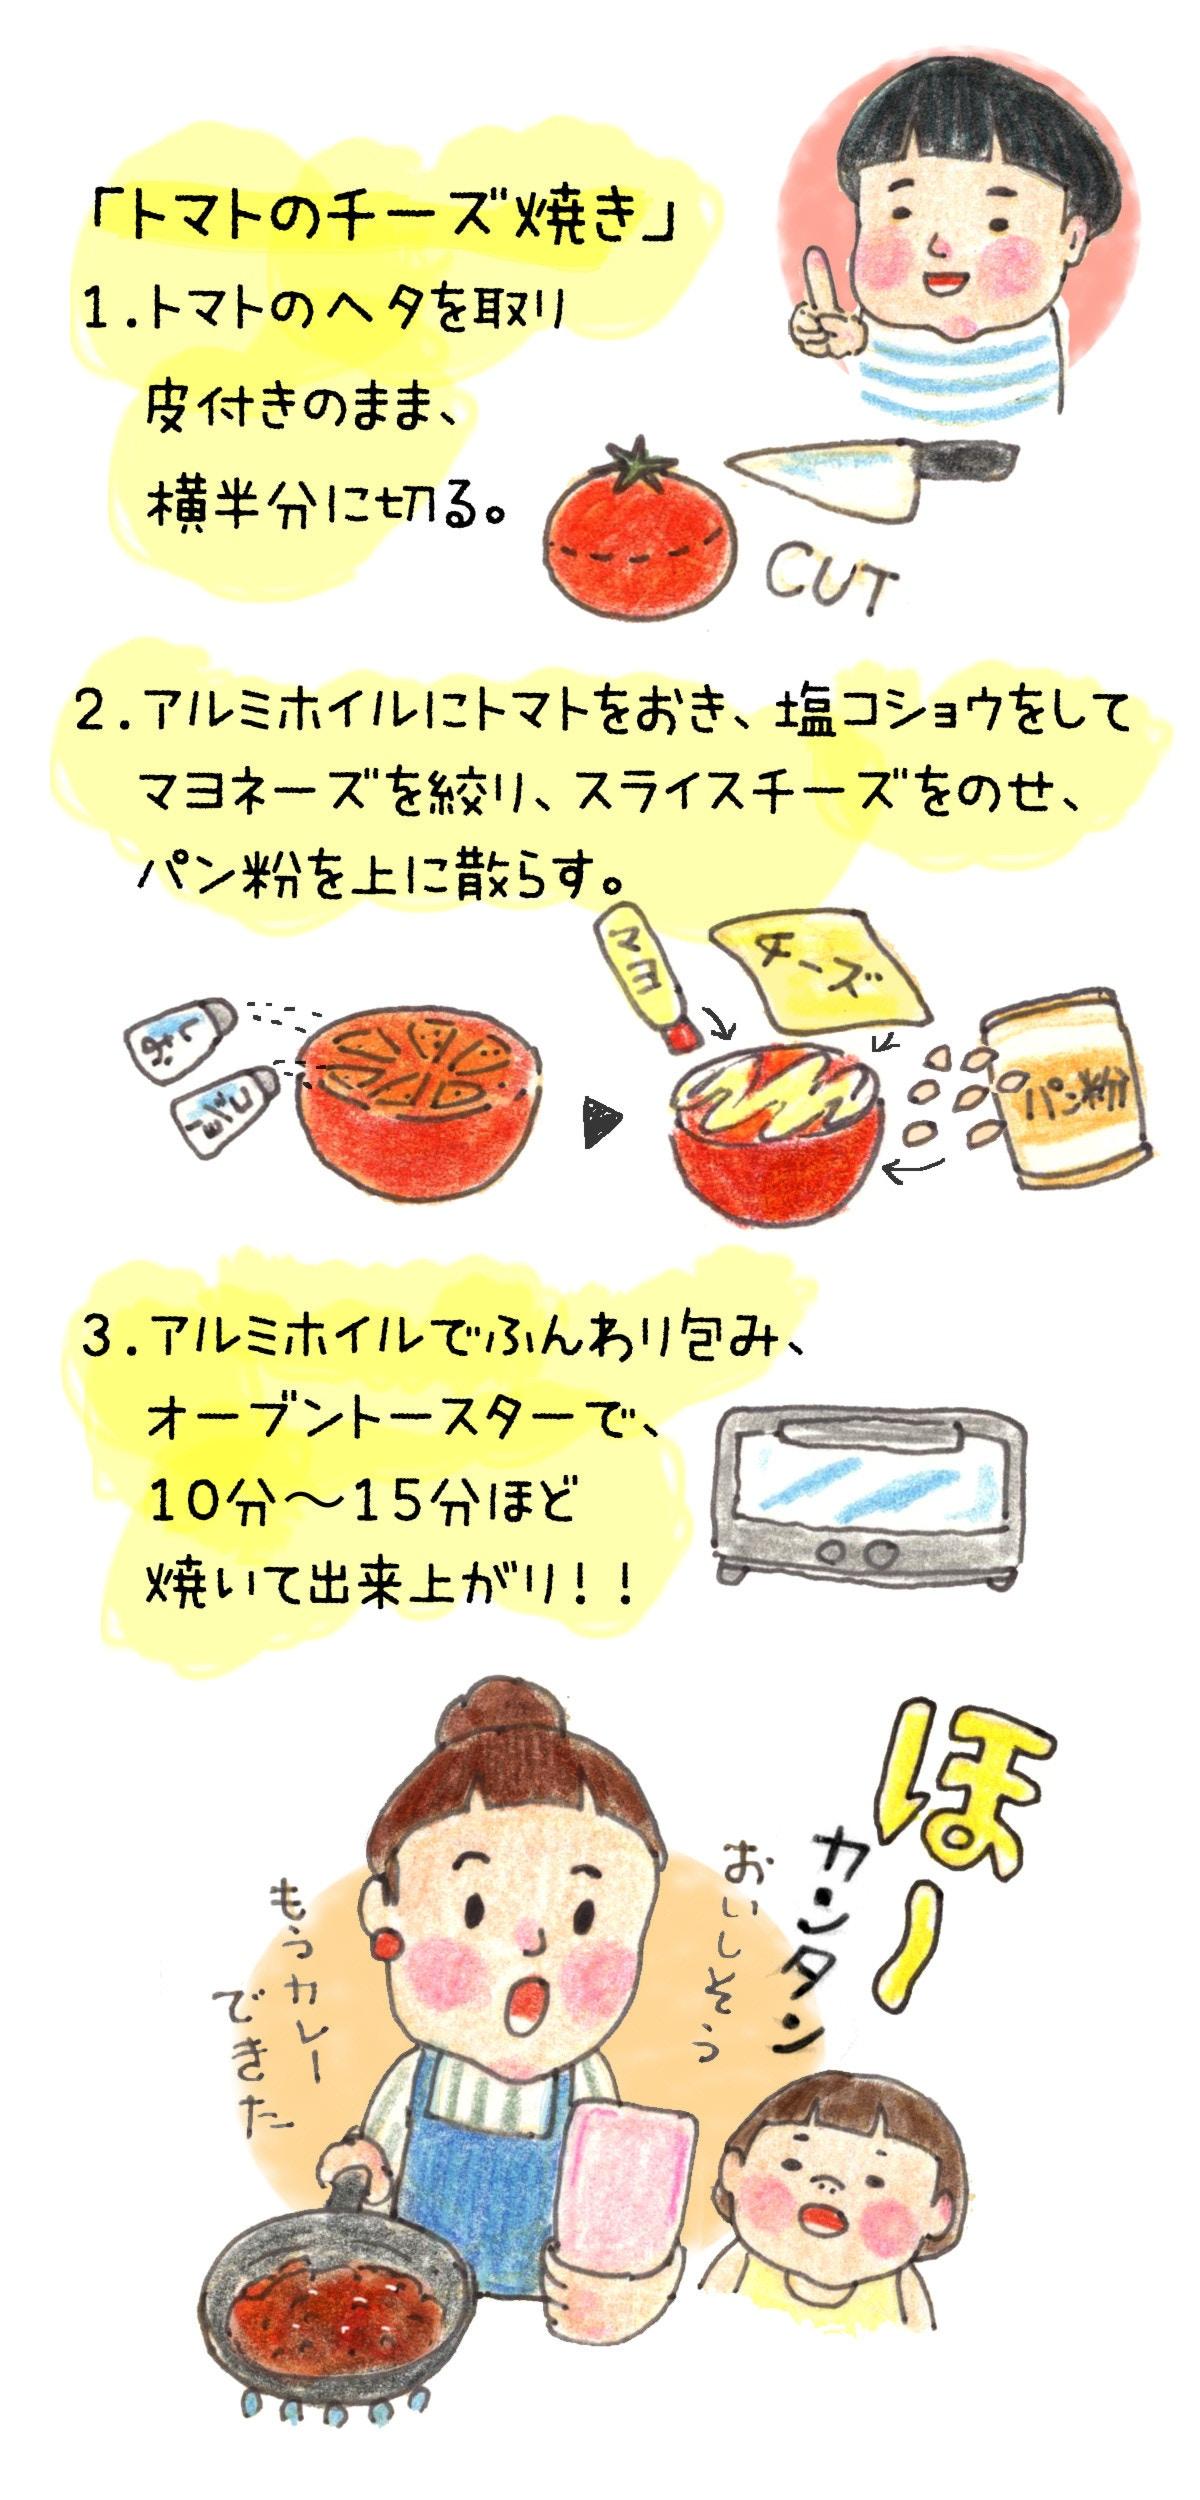 カレー レシピ イラスト